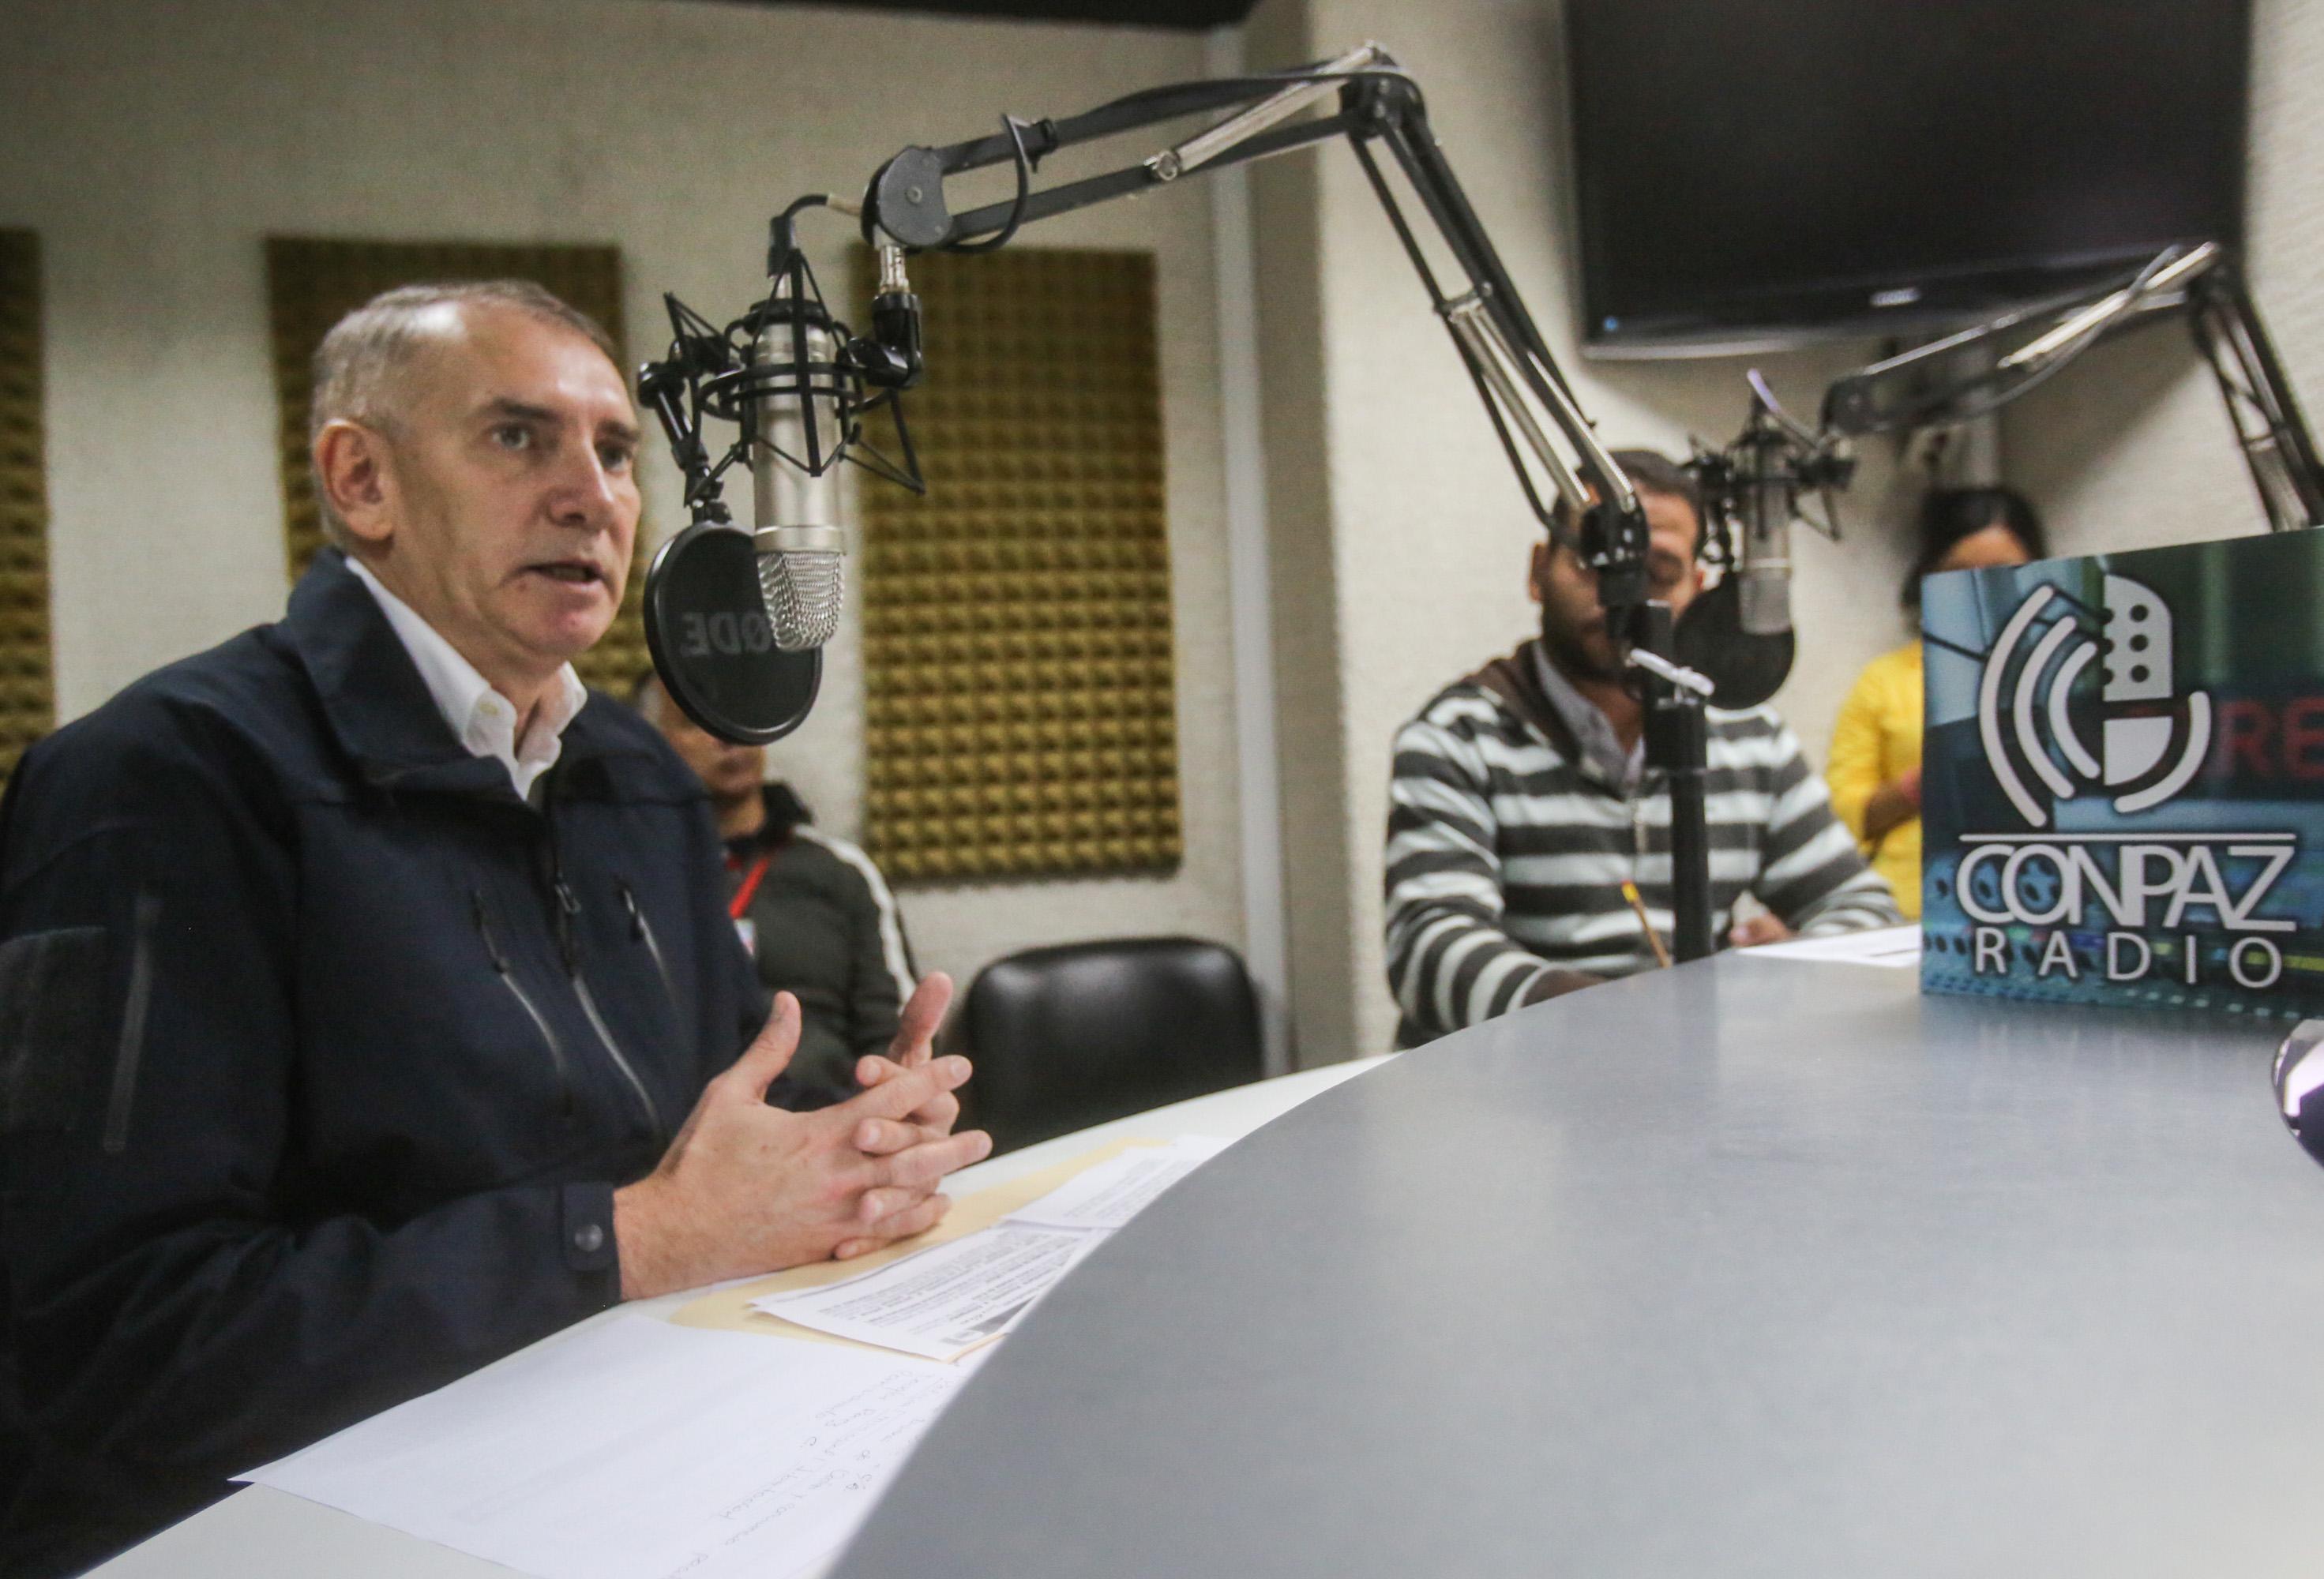 Viceministro Molina Buenas prácticas policiales promueve el respeto de los Derechos Humanos (3)